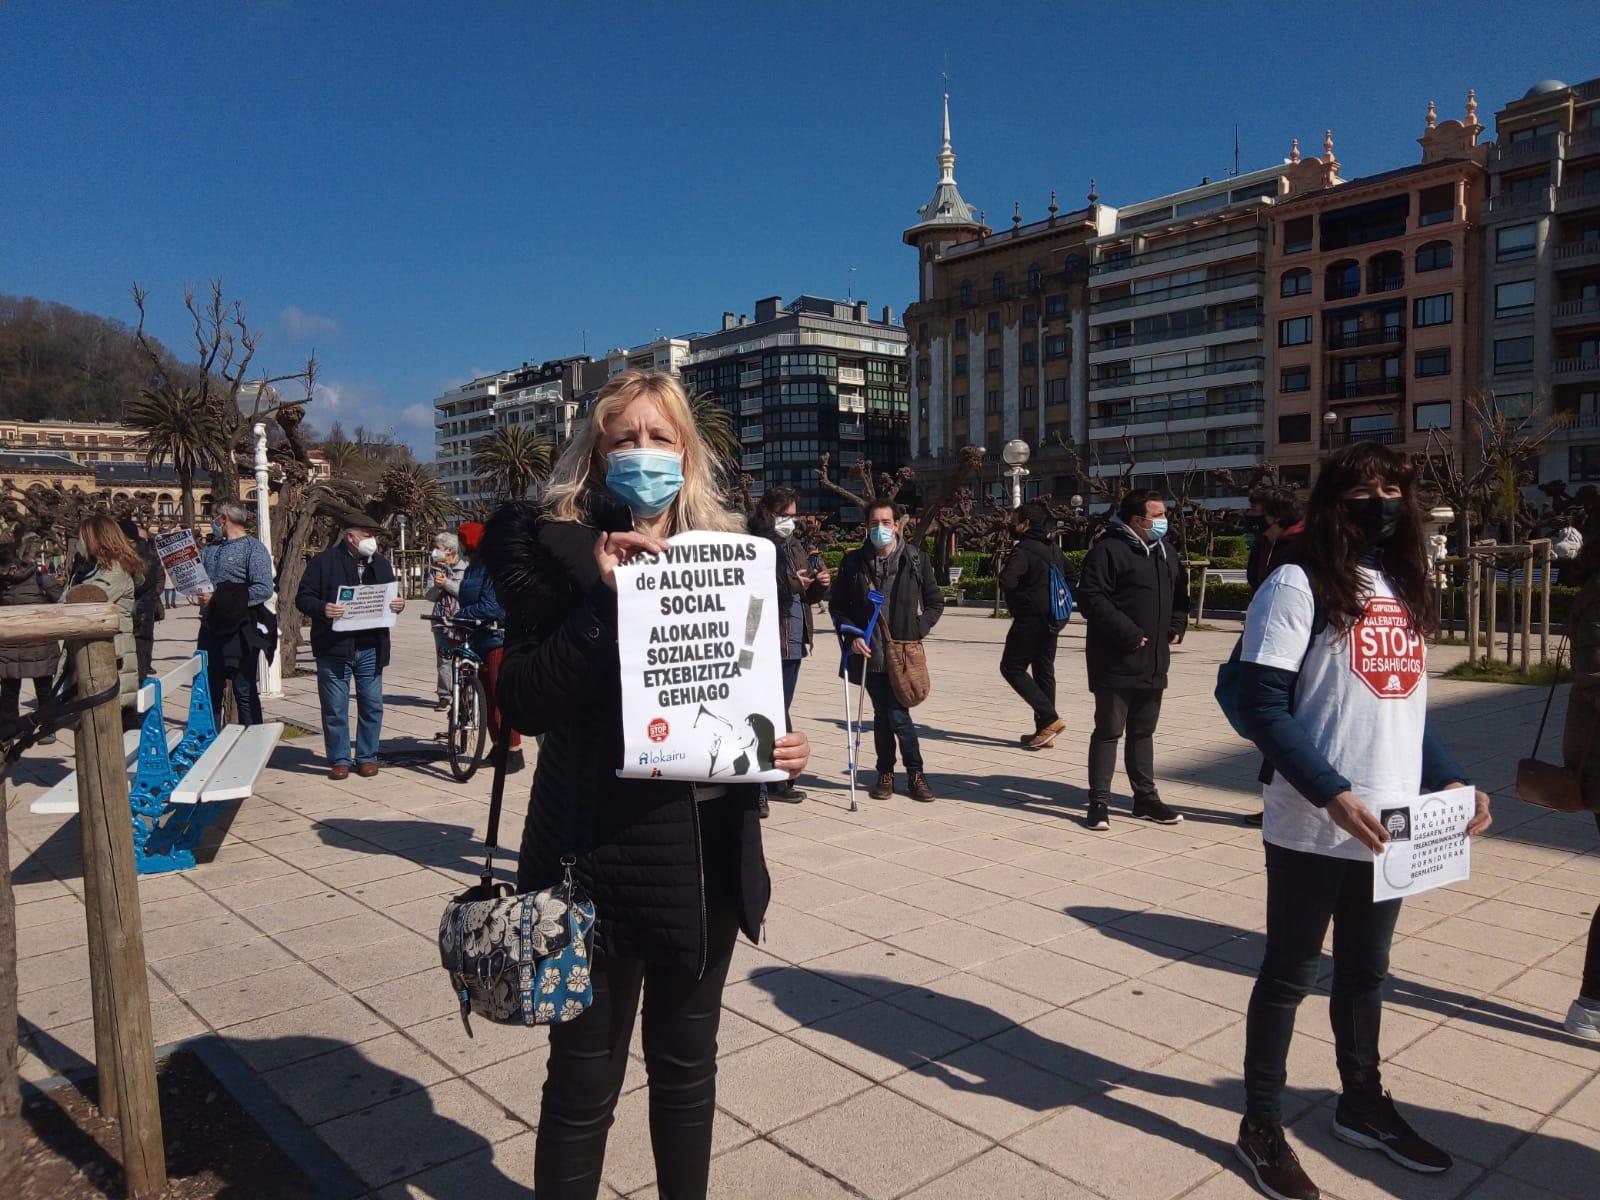 IMG 20210320 WA0010 - Donostia también se manifiesta por el derecho a la vivienda